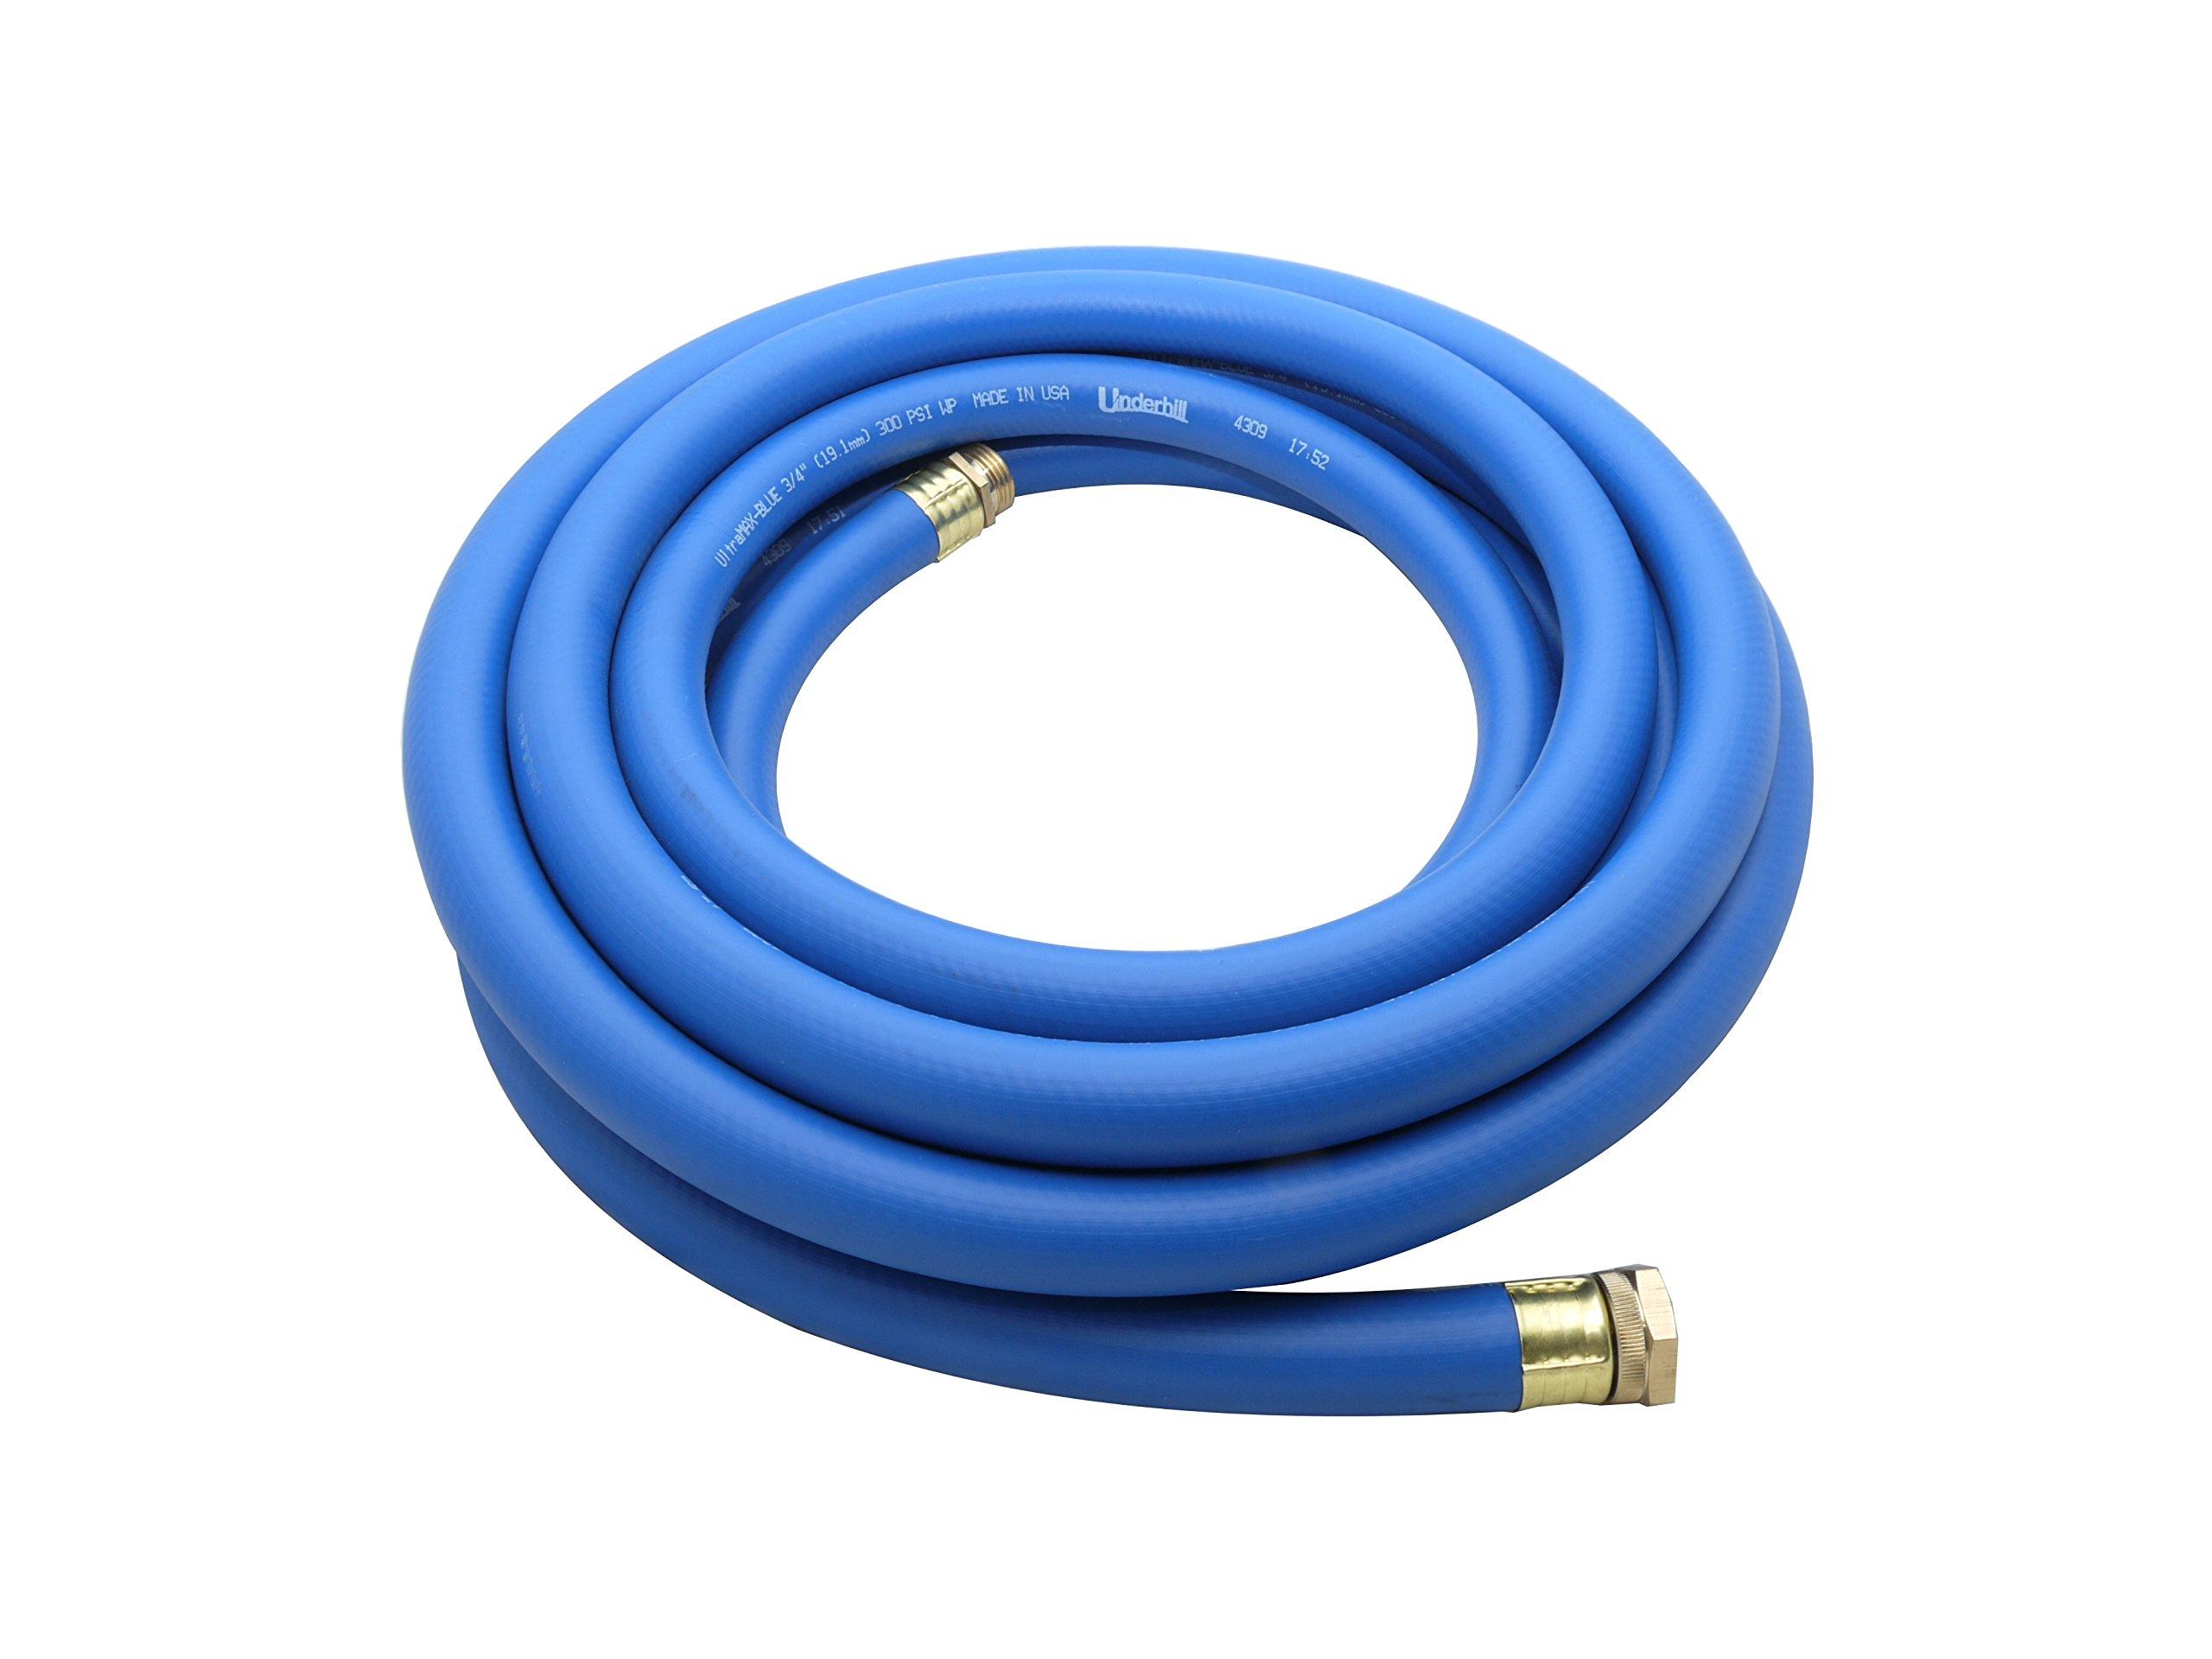 Underhill H10-100B 1-Inch UltraMax Premium Lightweight Commercial Hose, 100-Feet Length, Blue